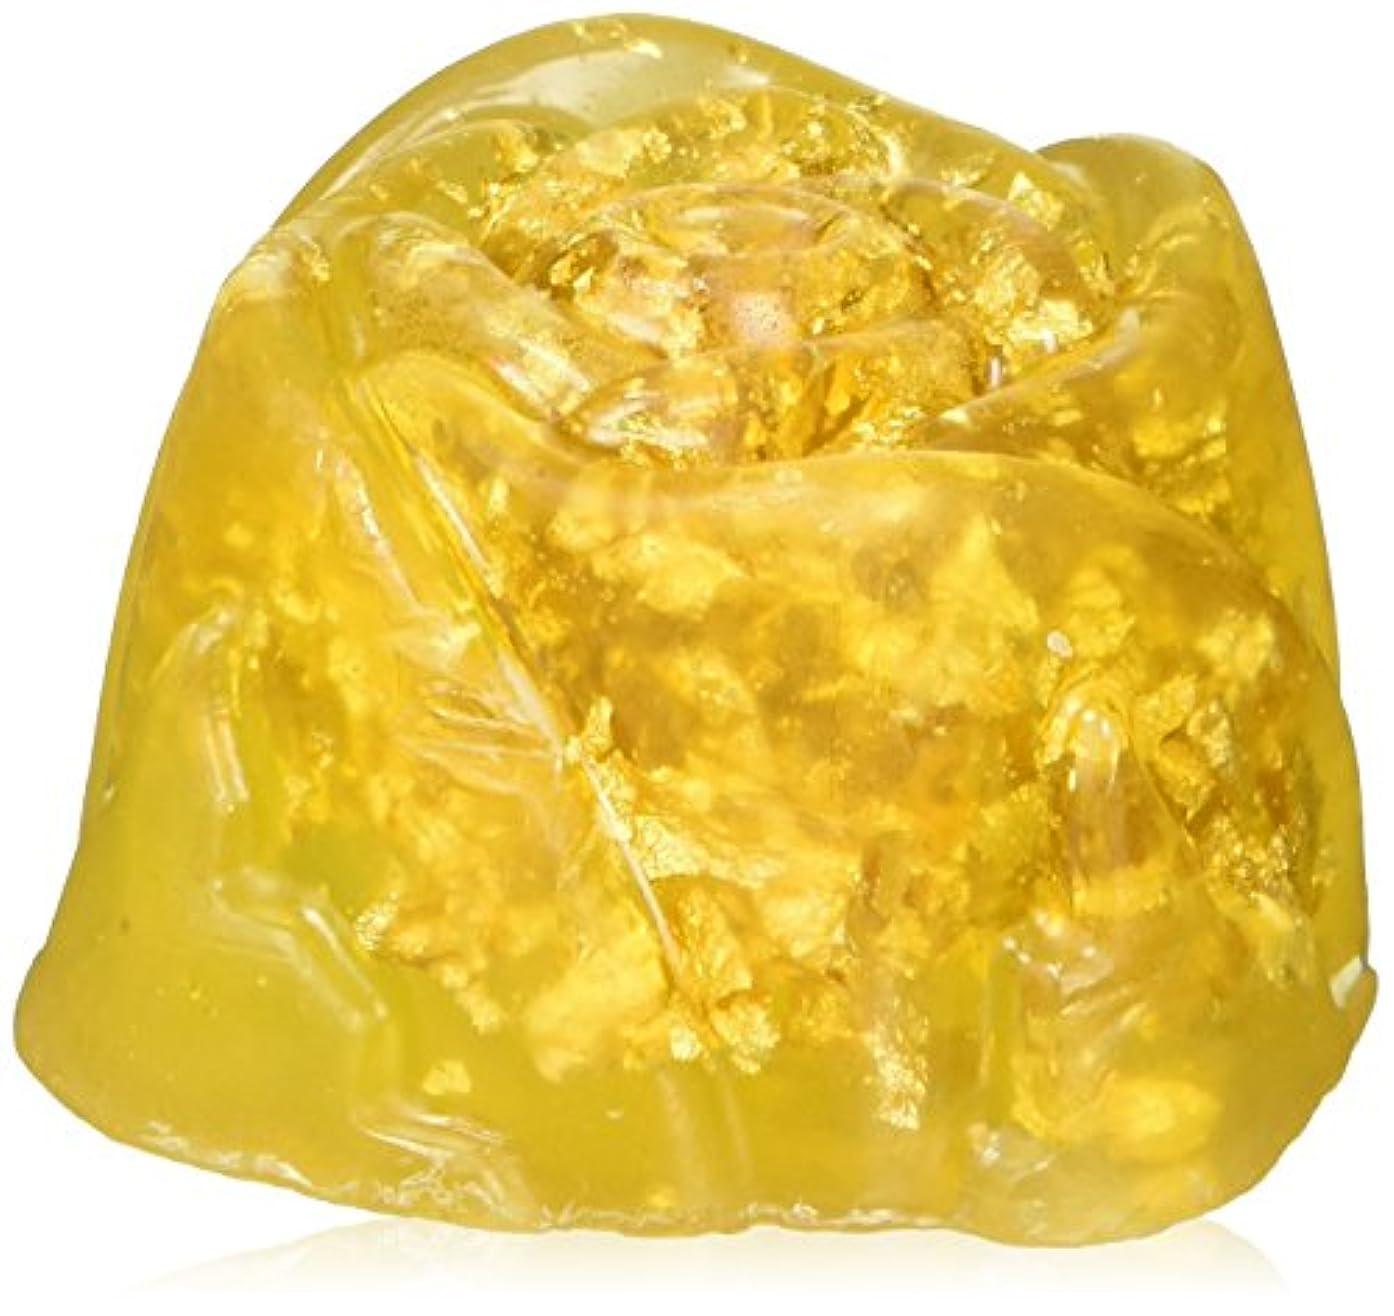 アナニバー意志に反する運動するクリスタル (G) 金箔入りソープ ヒアルロン酸Na配合 105g